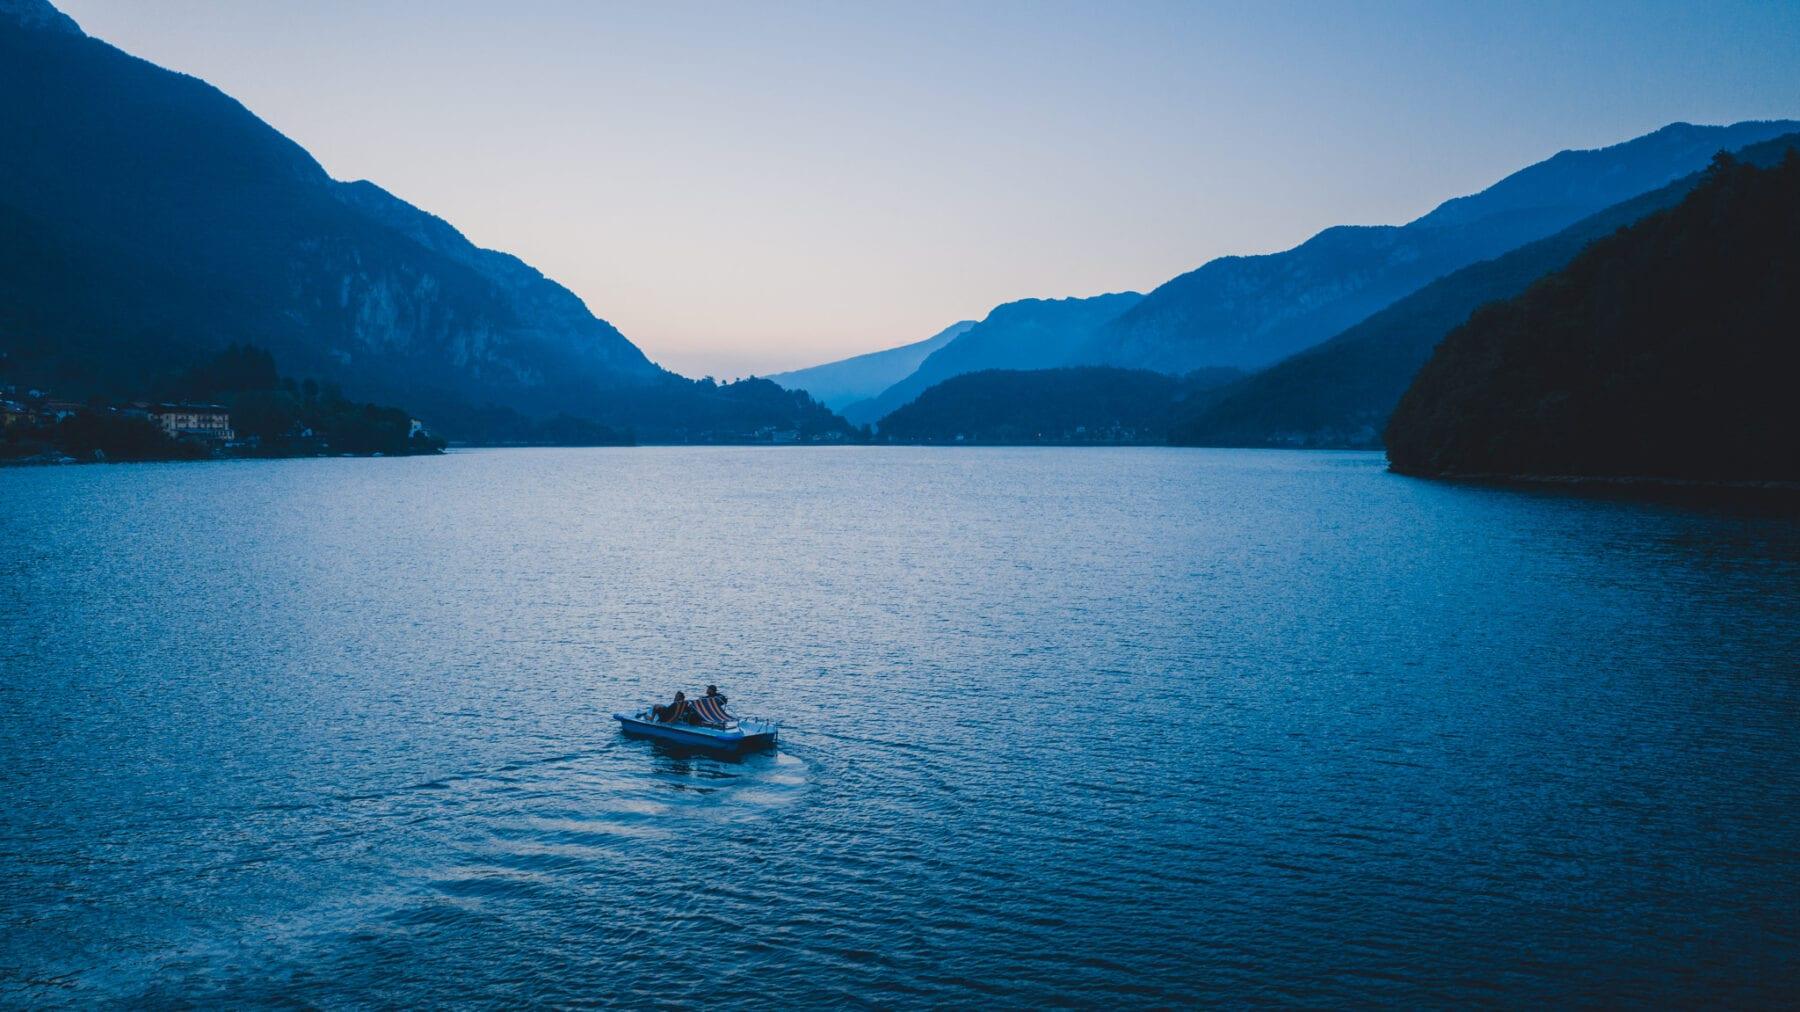 Ledromeer Lago di Ledro Zonsopkomst waterfietsen